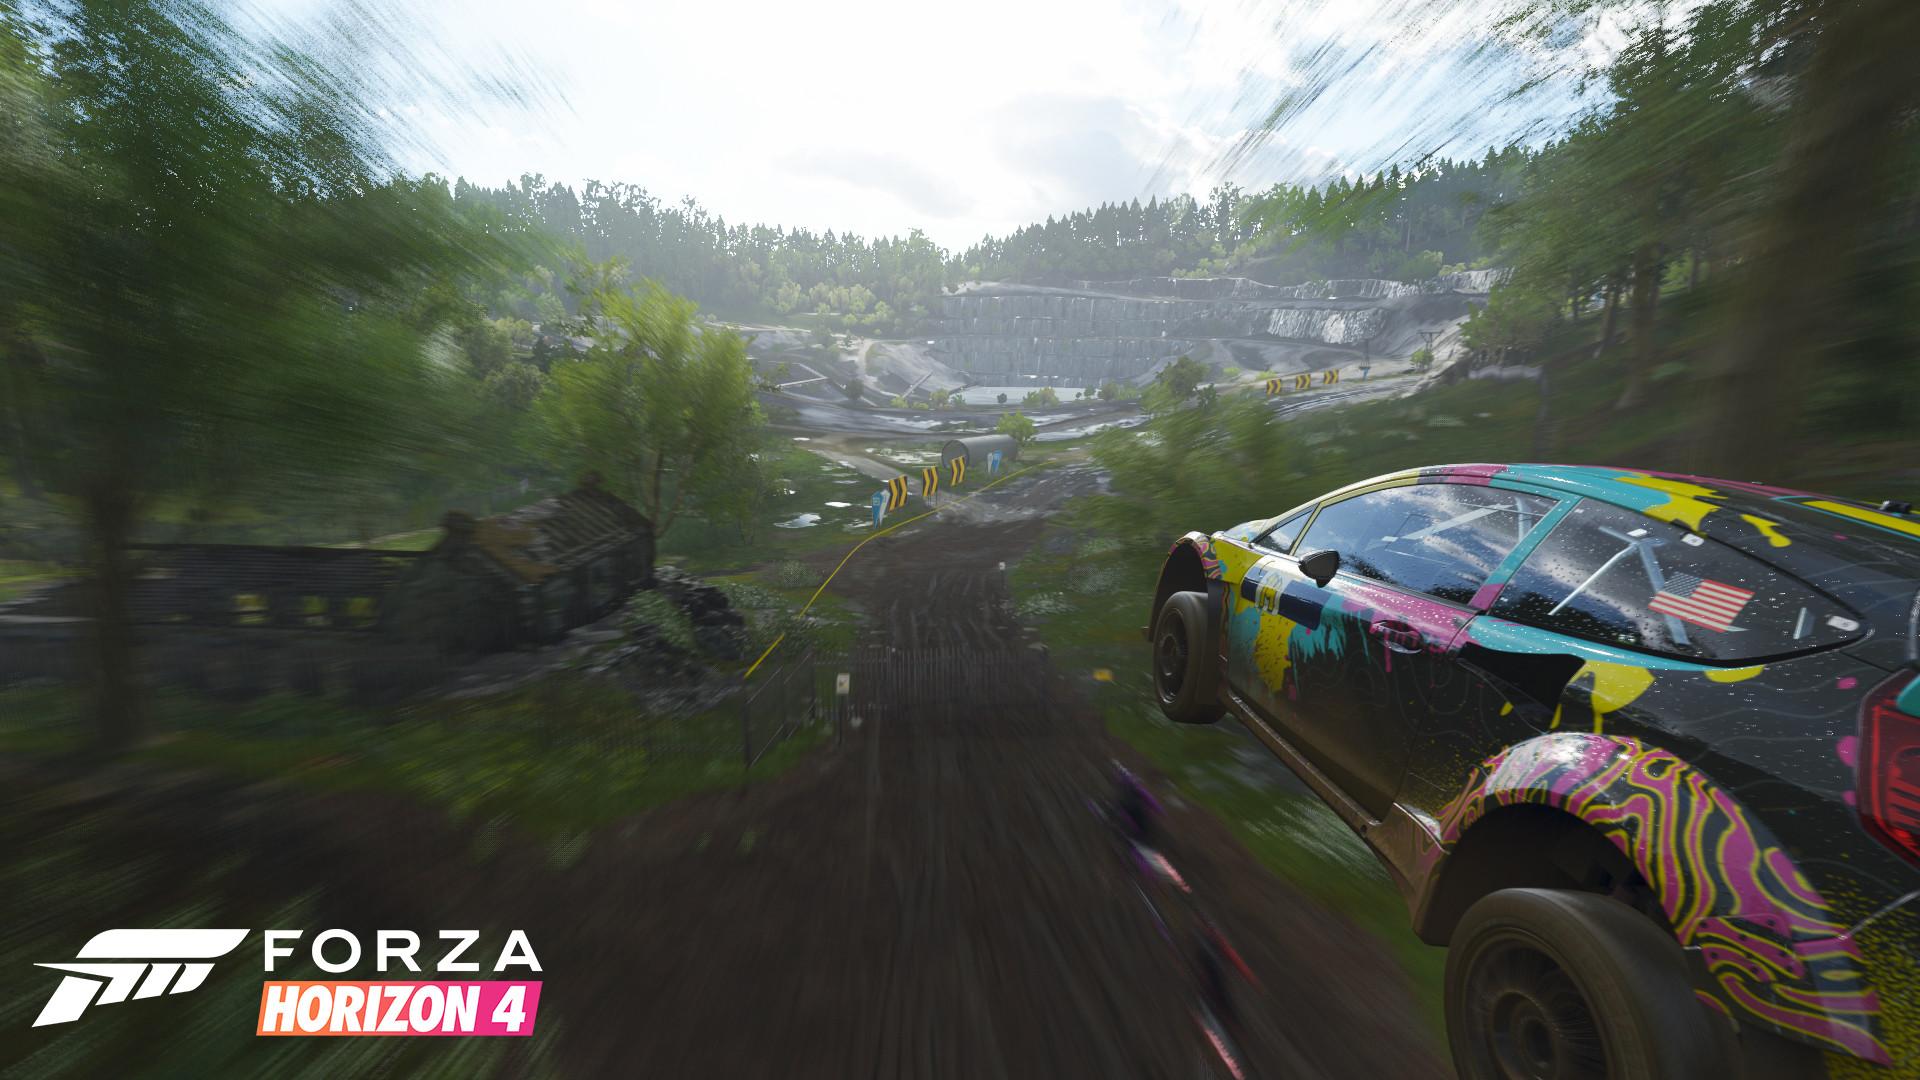 ArtStation - Forza Horizon 4 - Initial Experience & Festival